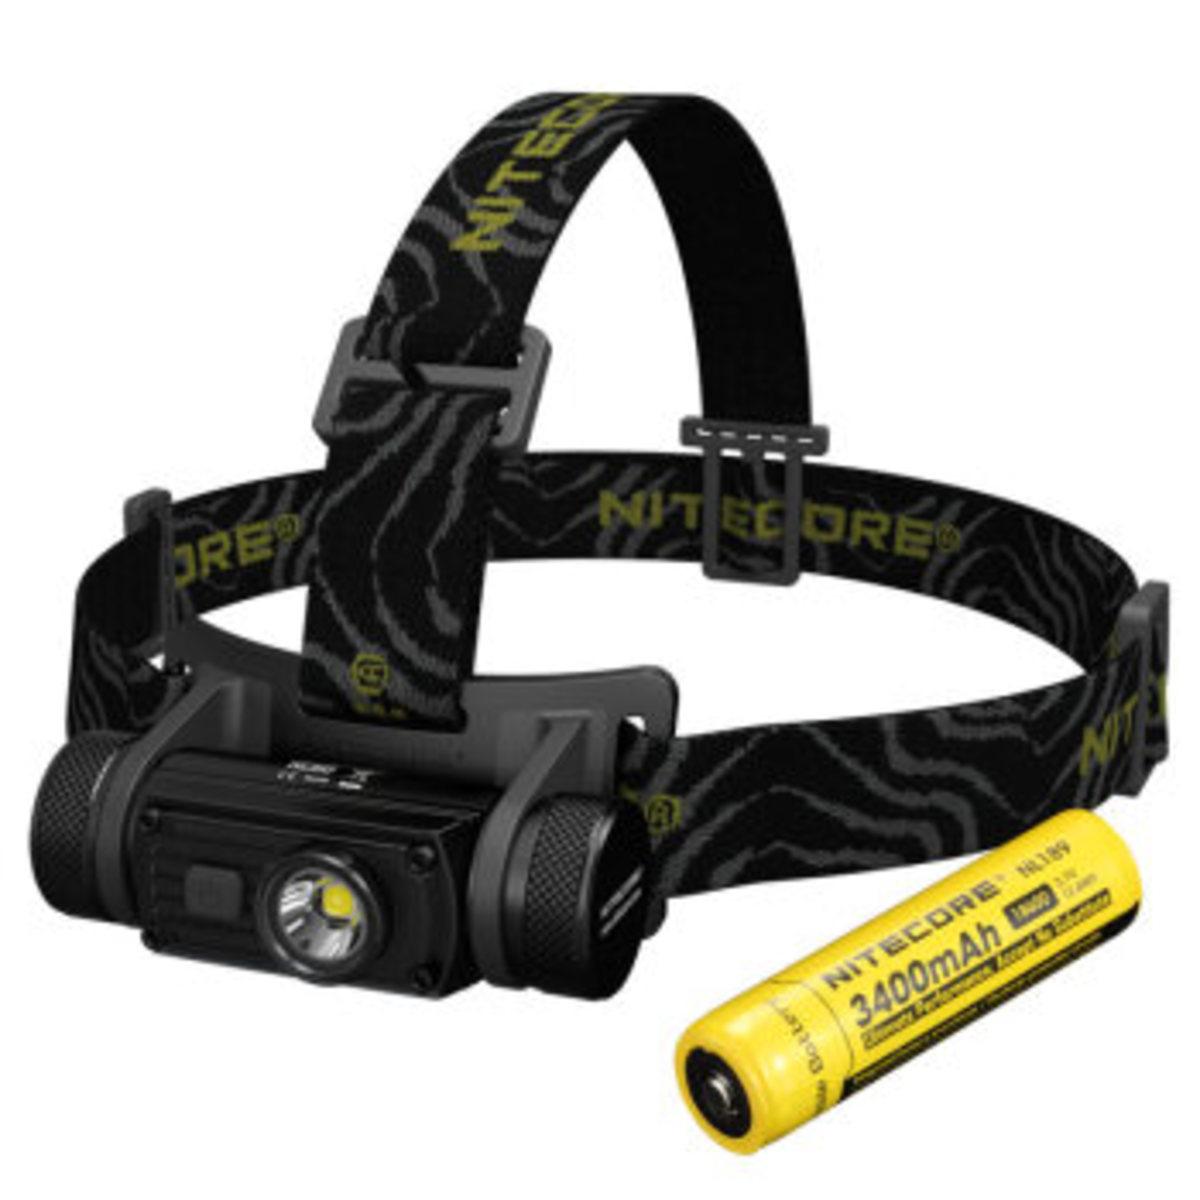 港行 HC60 白光 頭燈 套裝 NL189 18650 電池 USB 充電